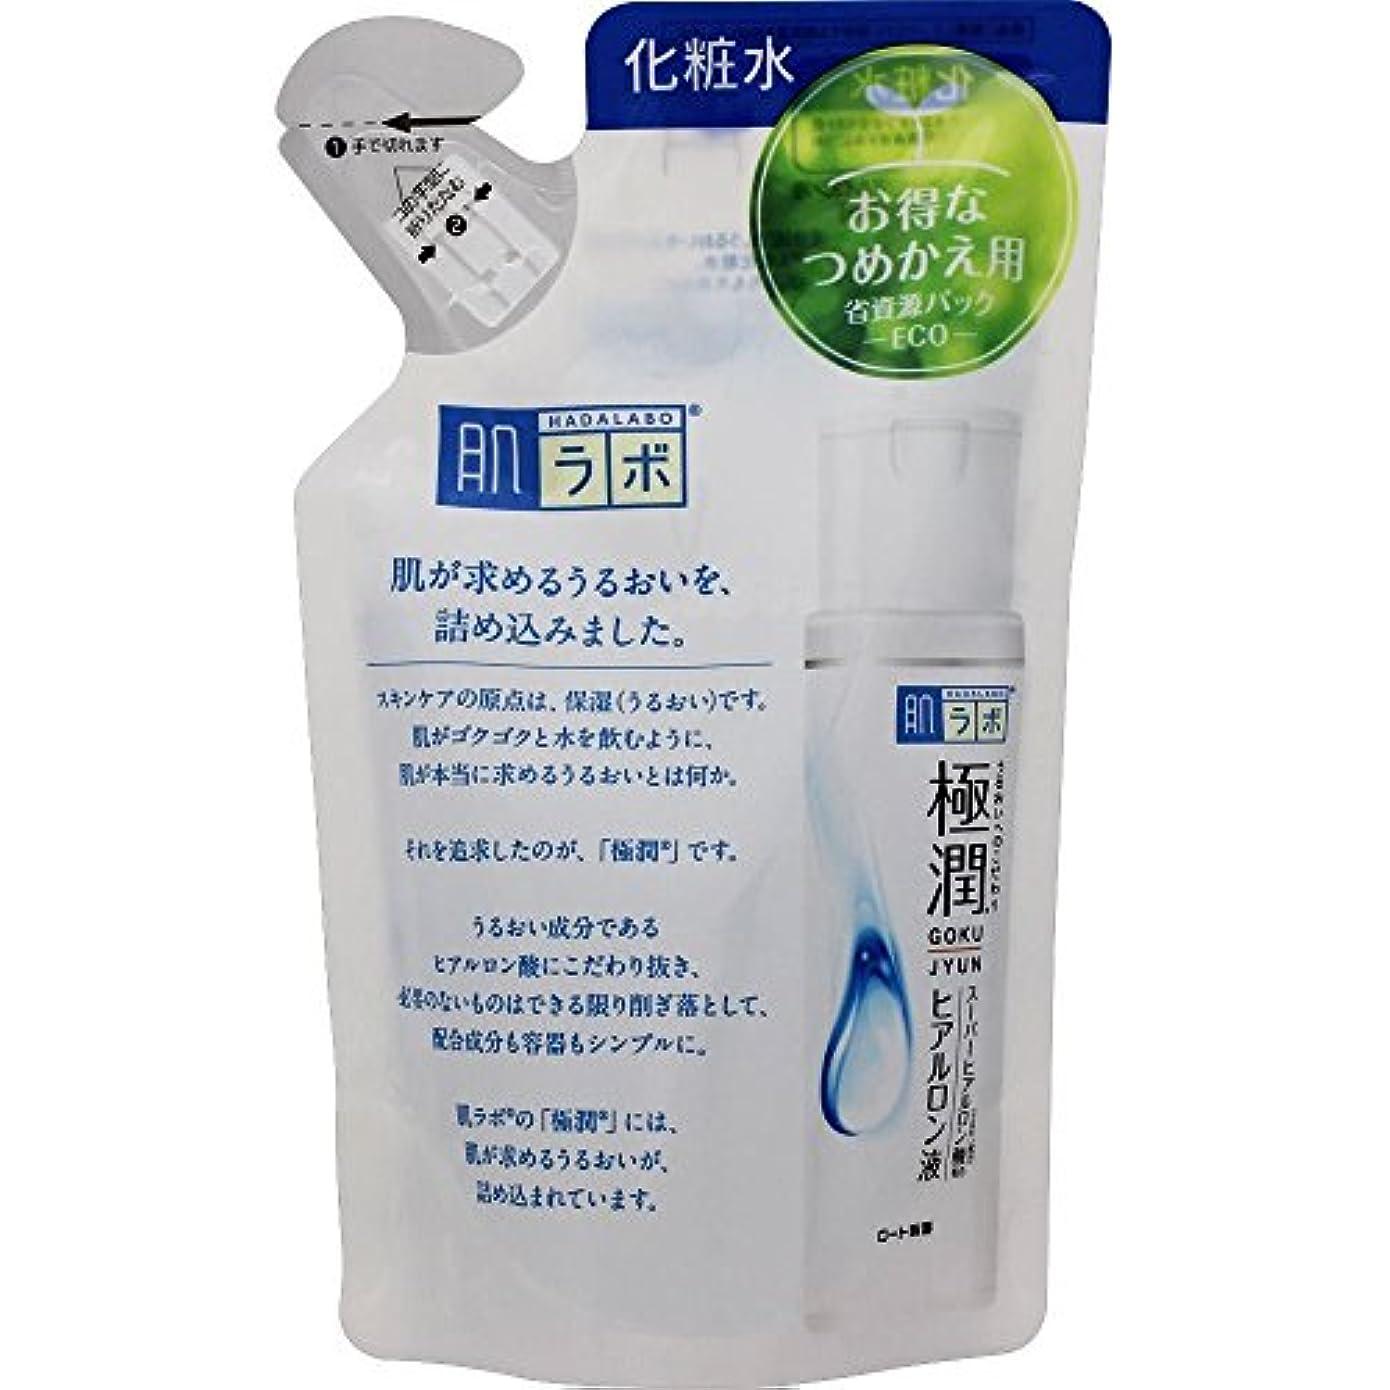 ディスクレルム以降肌ラボ 極潤ヒアルロン液 つめかえ用 170ml